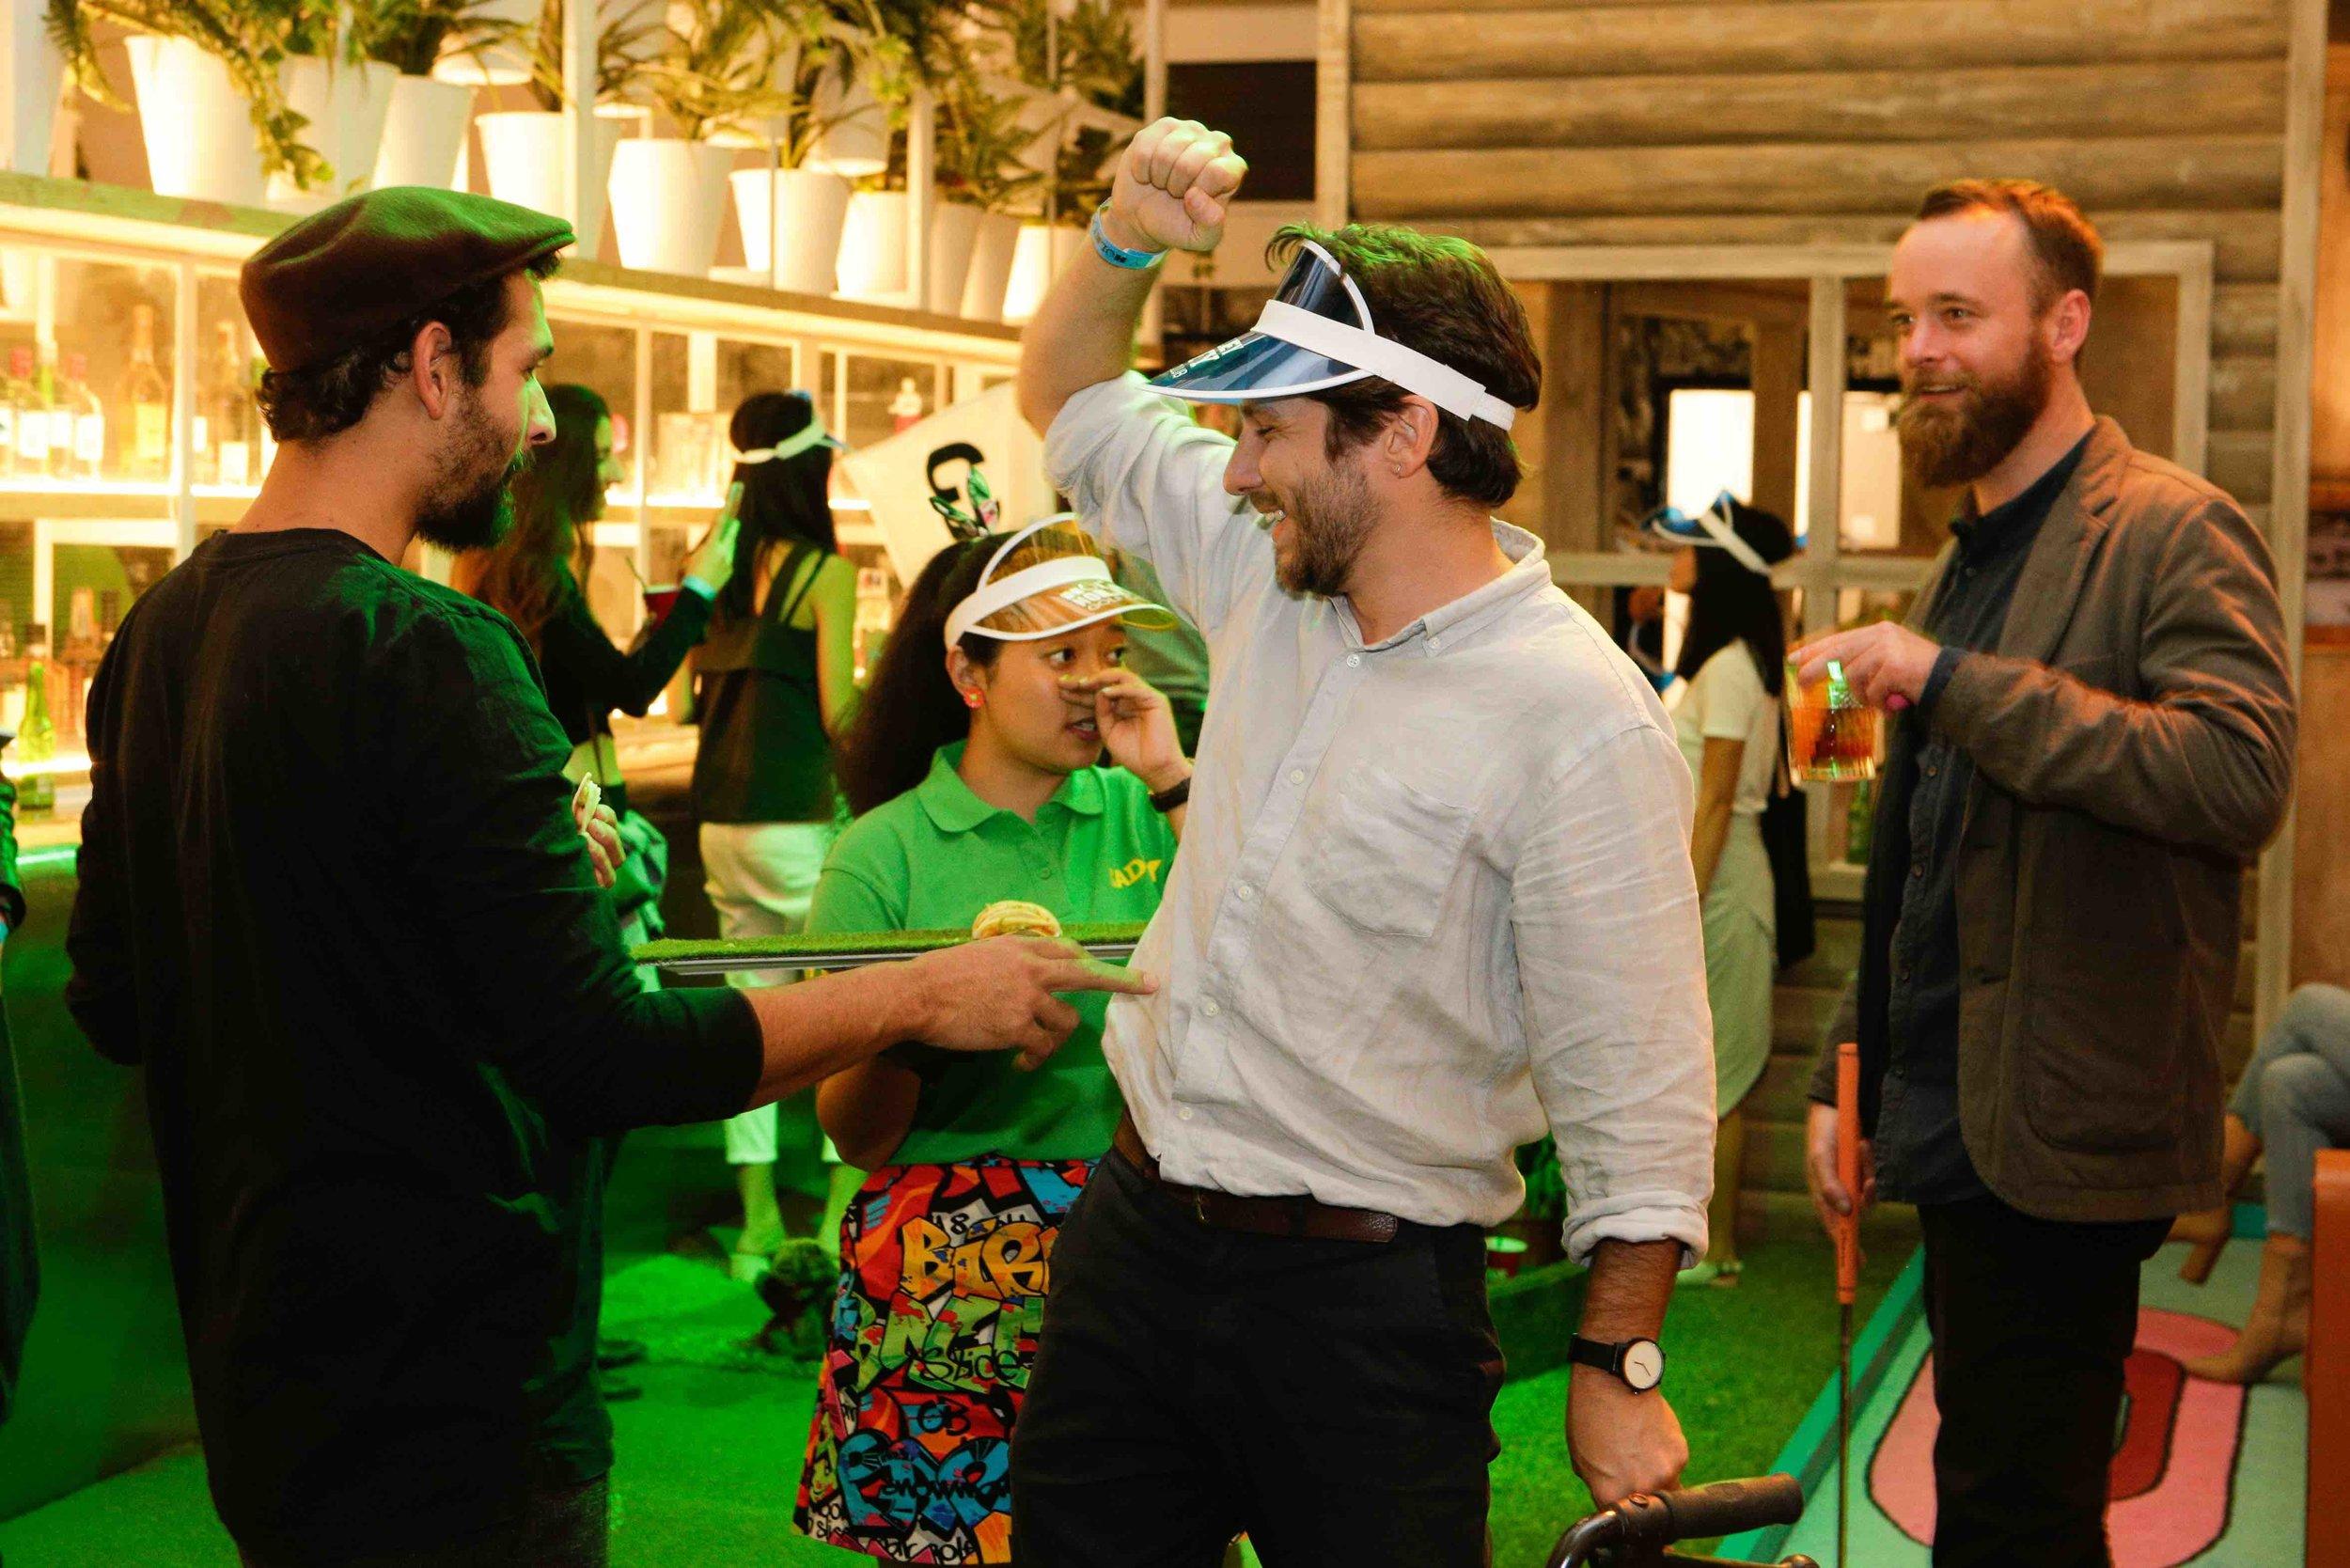 holey-moley-golf-club-launch-2017-guests-4.jpeg